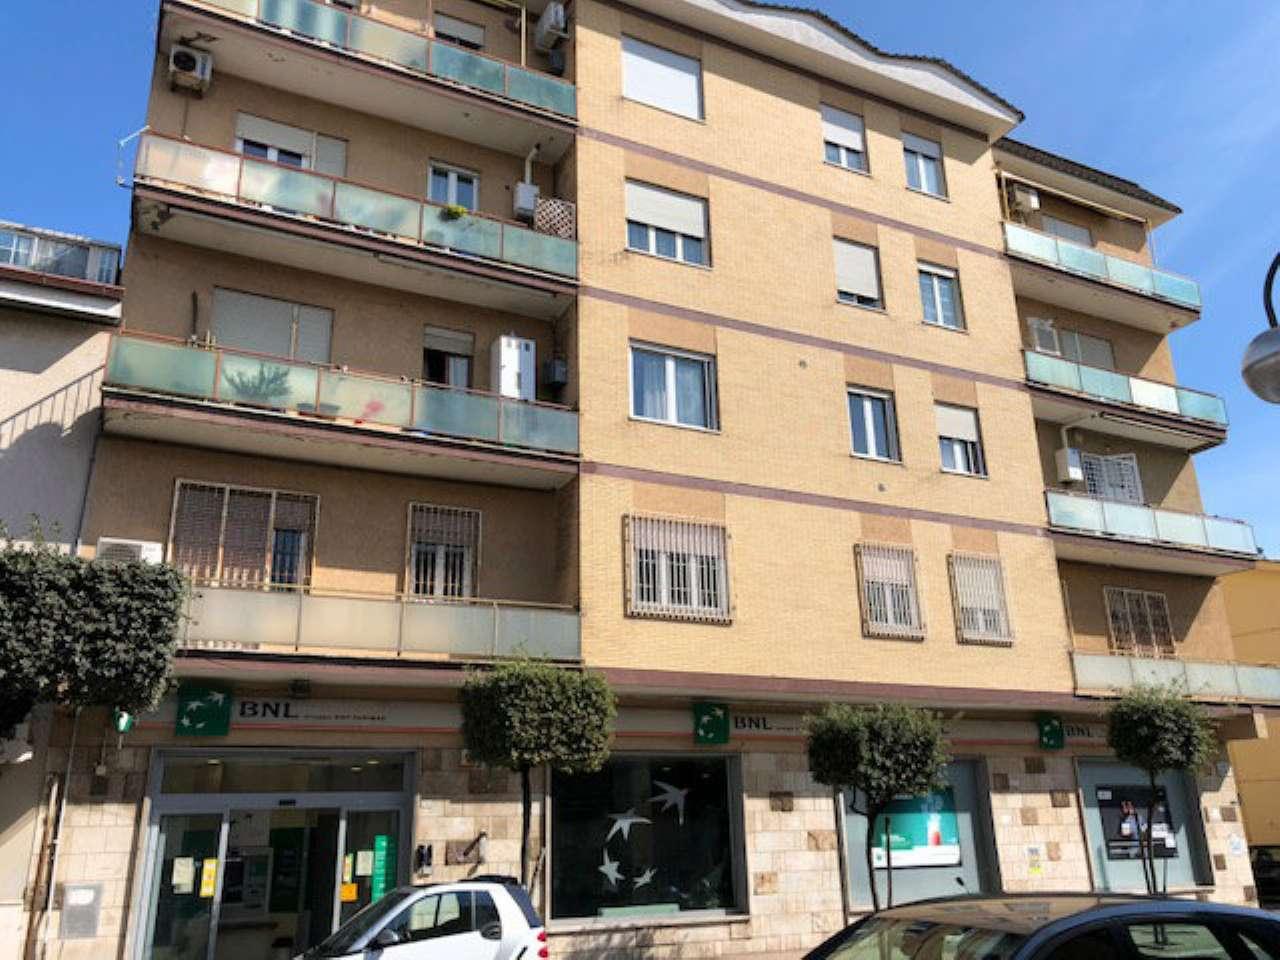 Ufficio / Studio in vendita a Aprilia, 10 locali, prezzo € 270.000 | CambioCasa.it